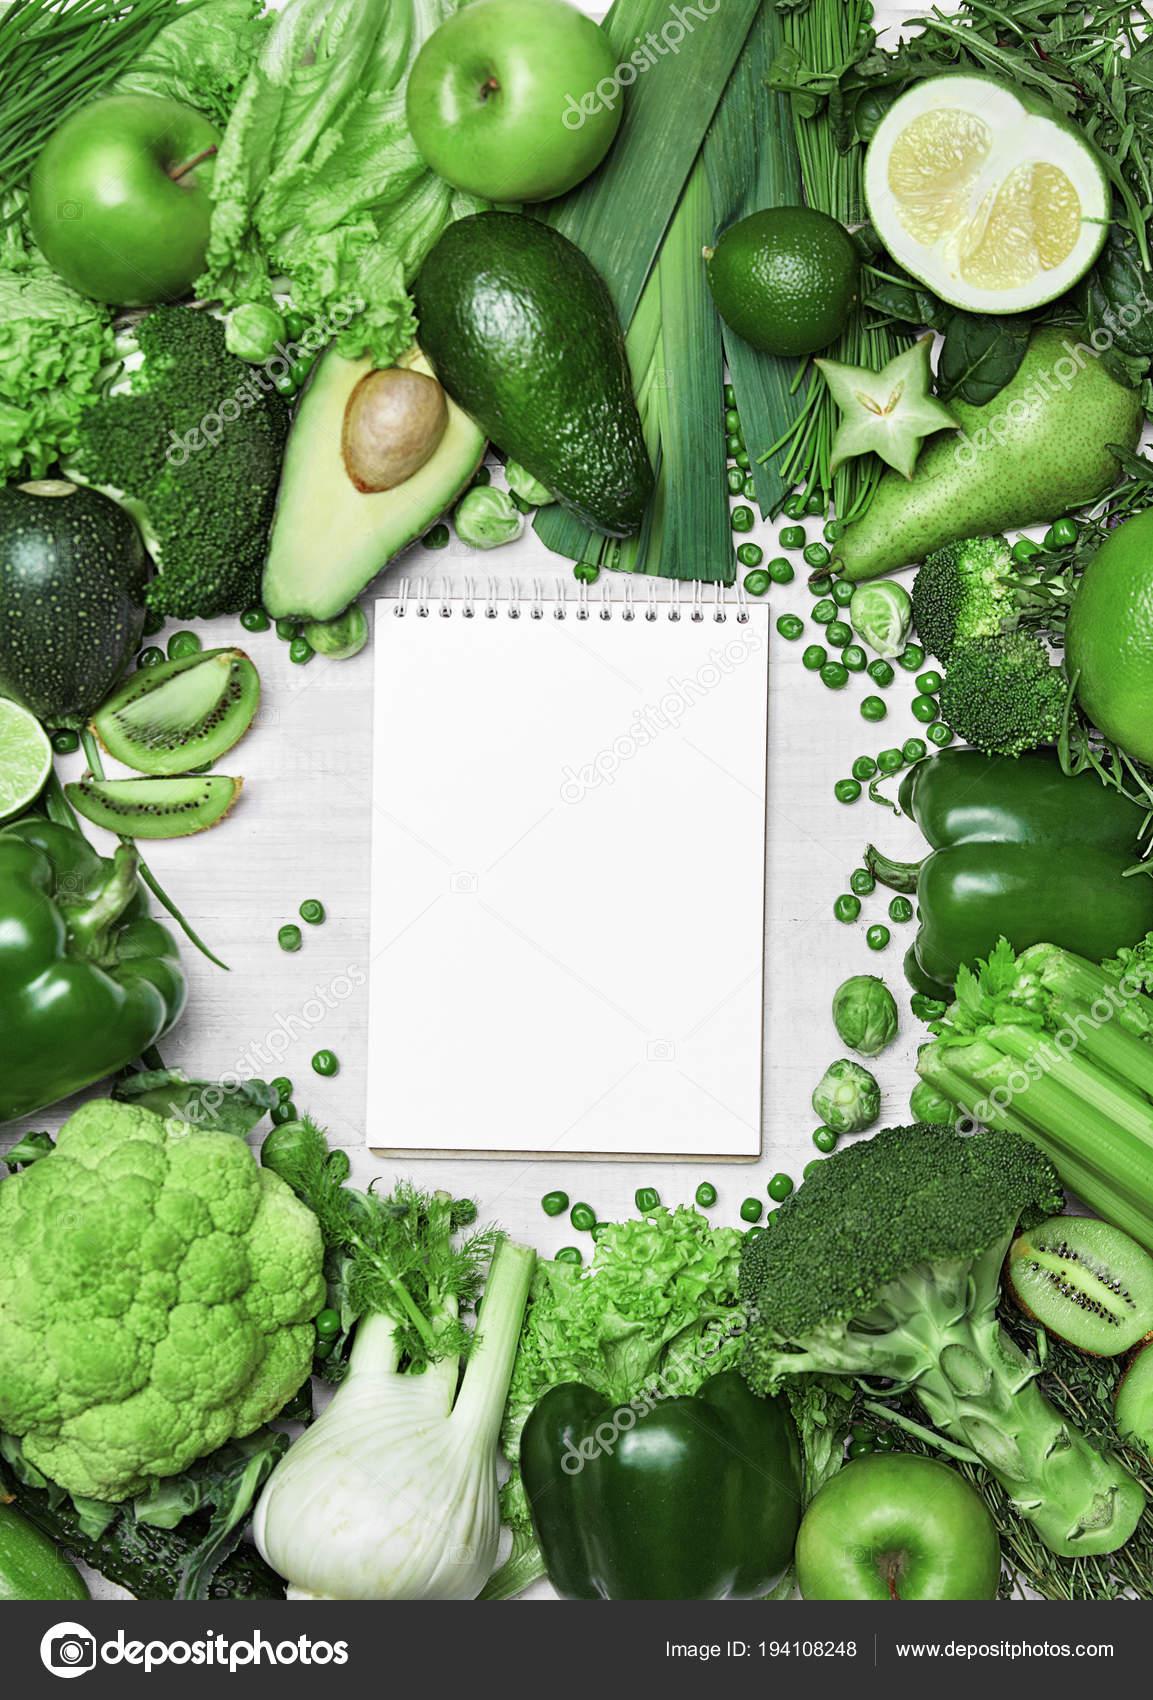 dieta de vegetales verdes